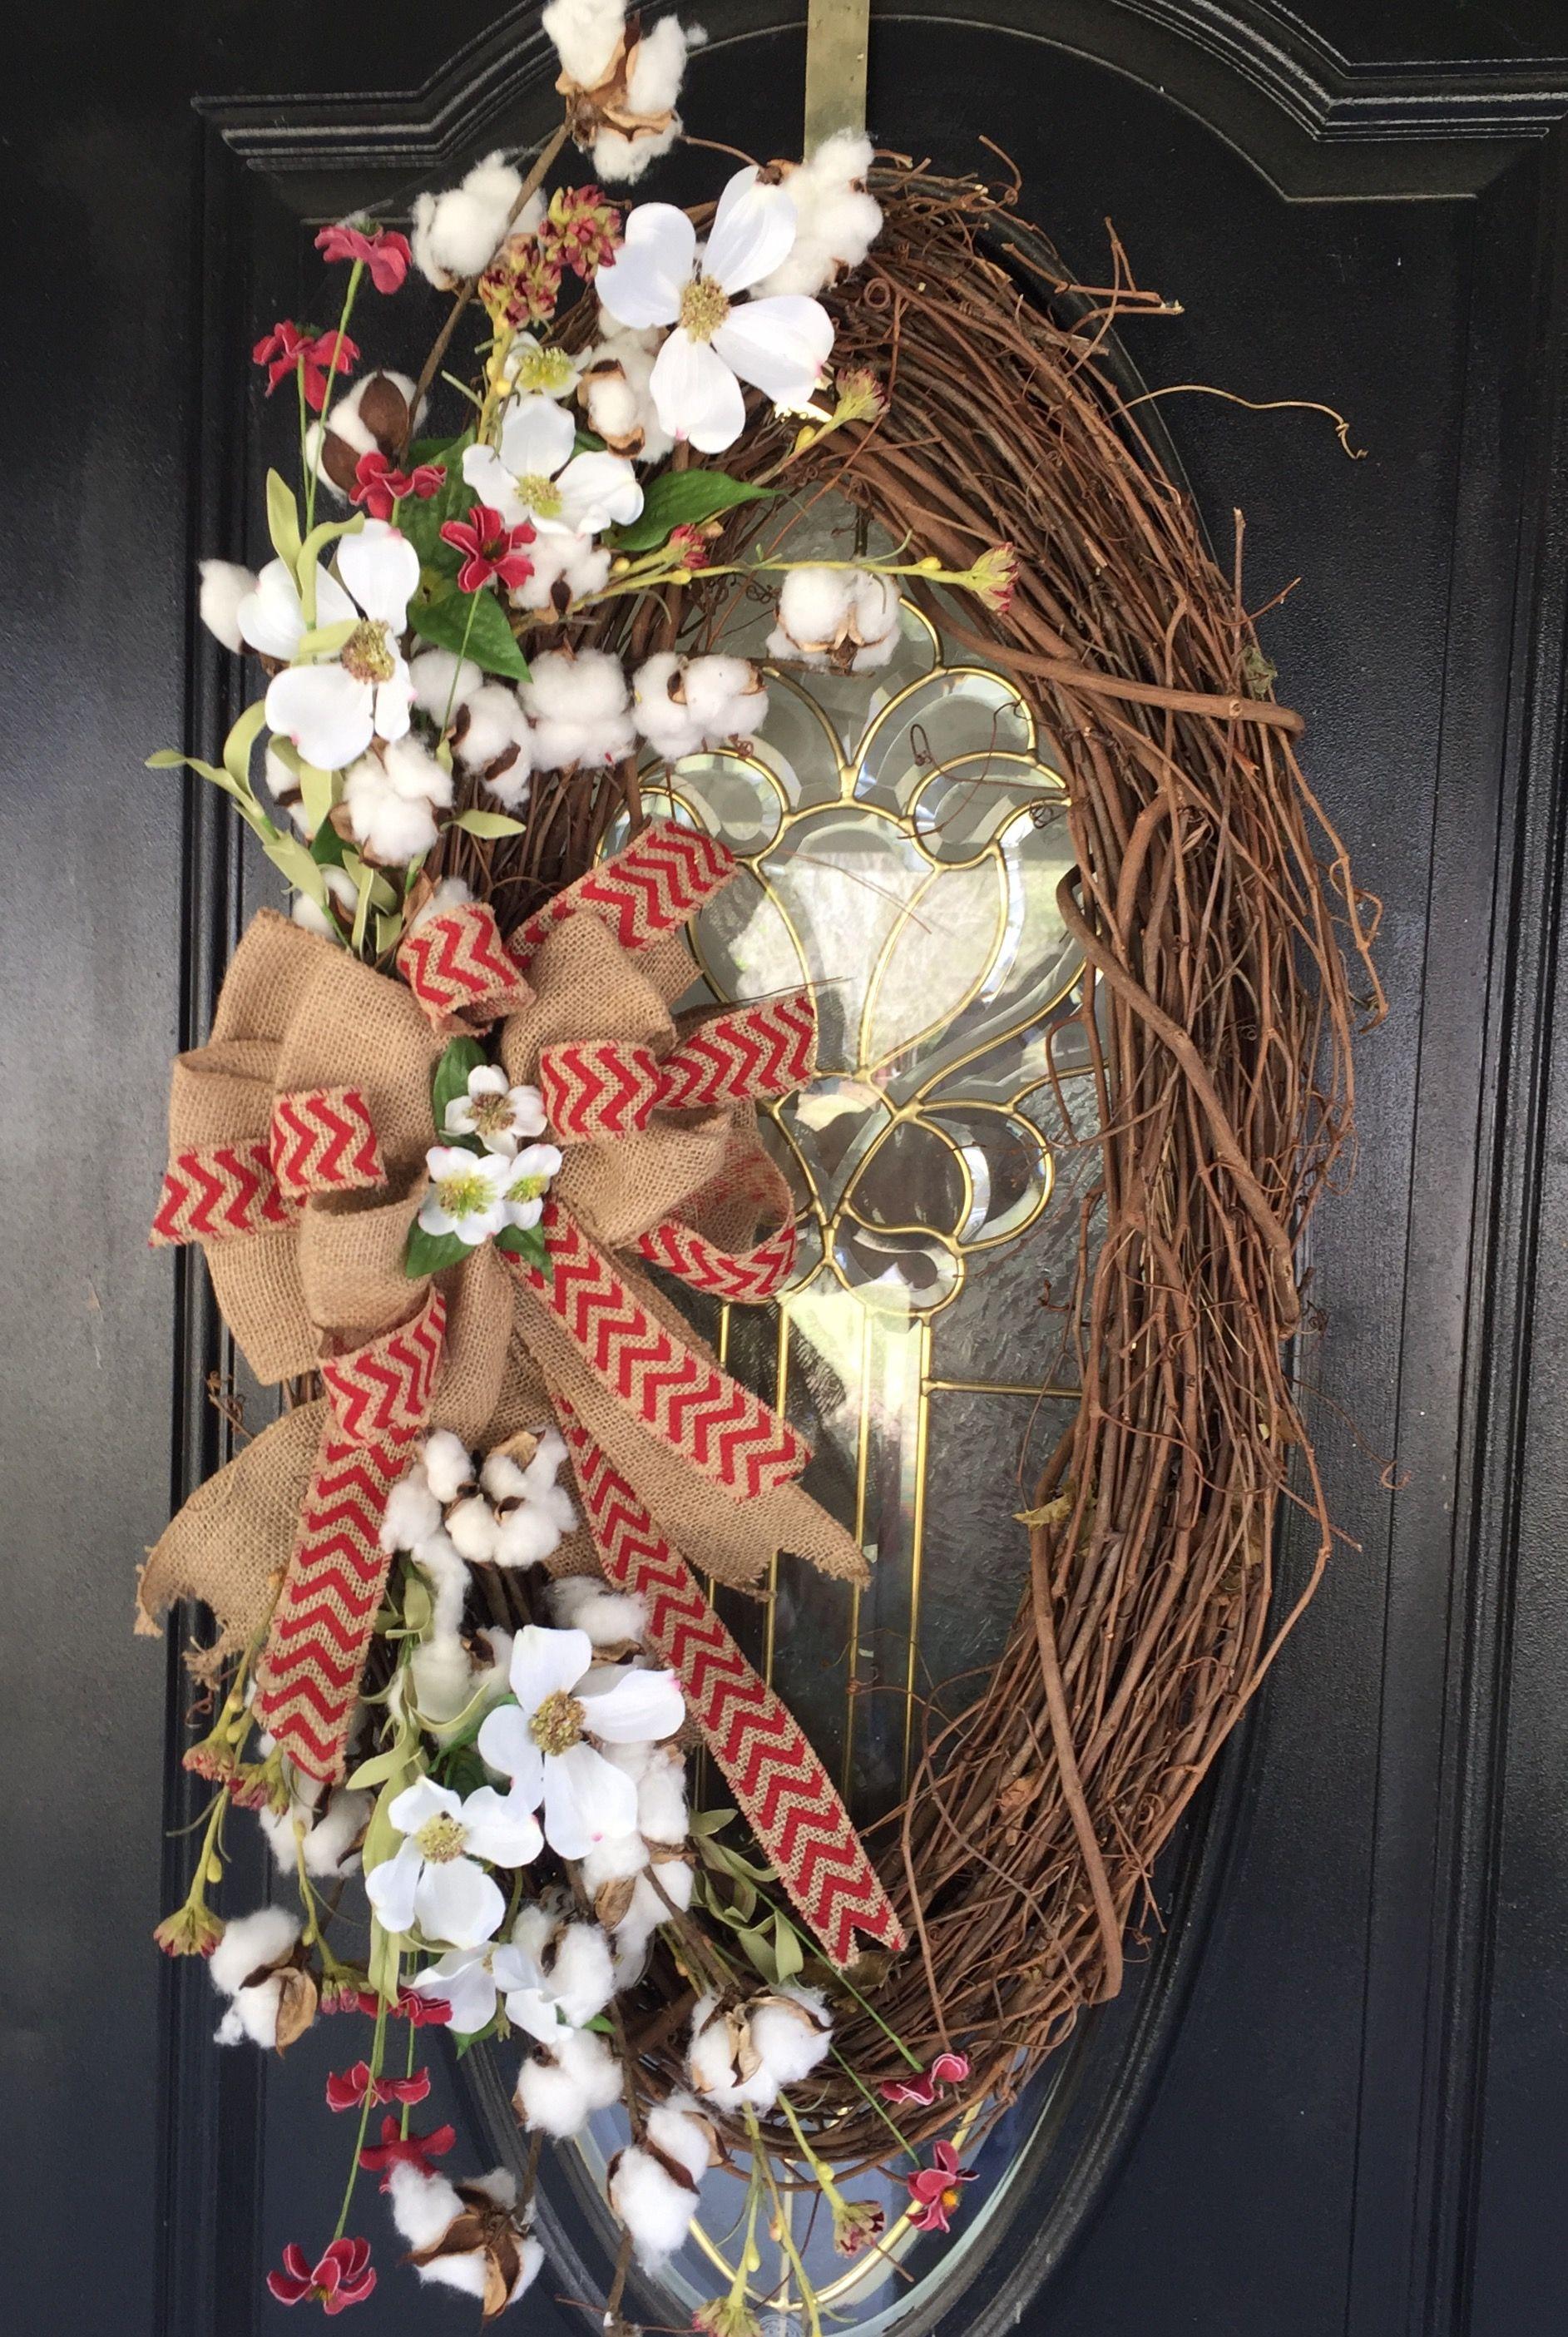 Love my front door wreath. (With images) | Wreaths ...